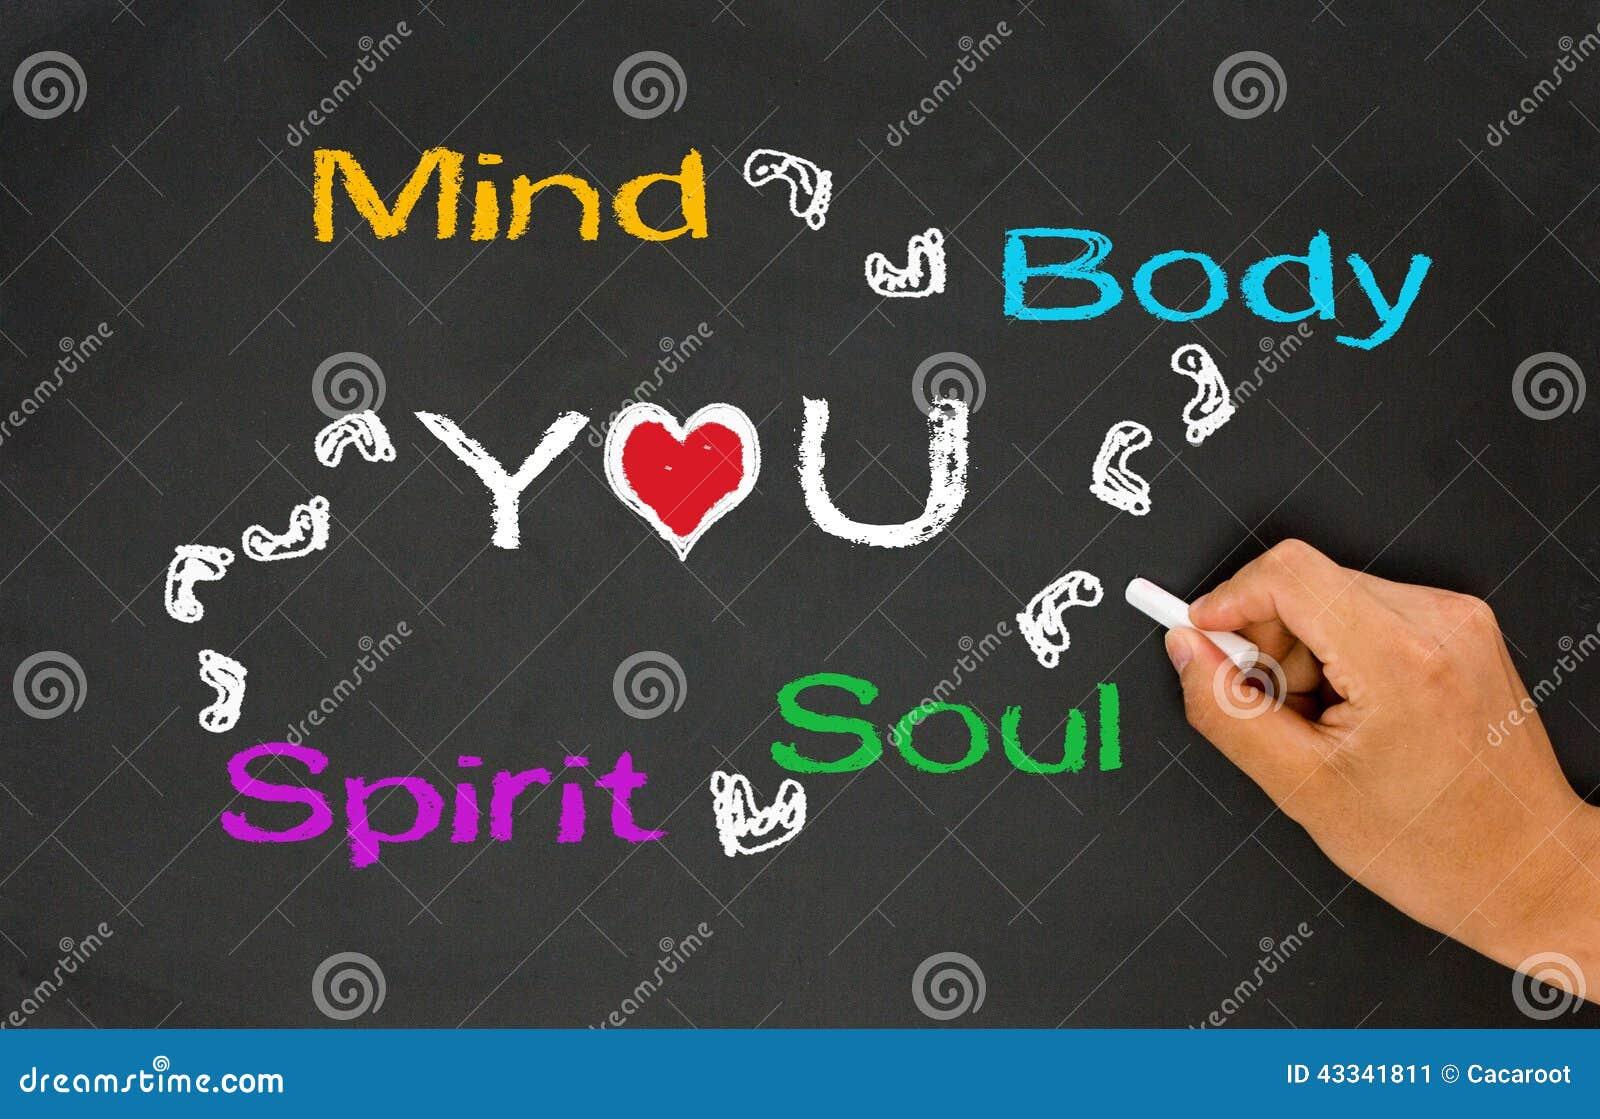 Vara besvärad, förkroppsliga, anda, anden och dig